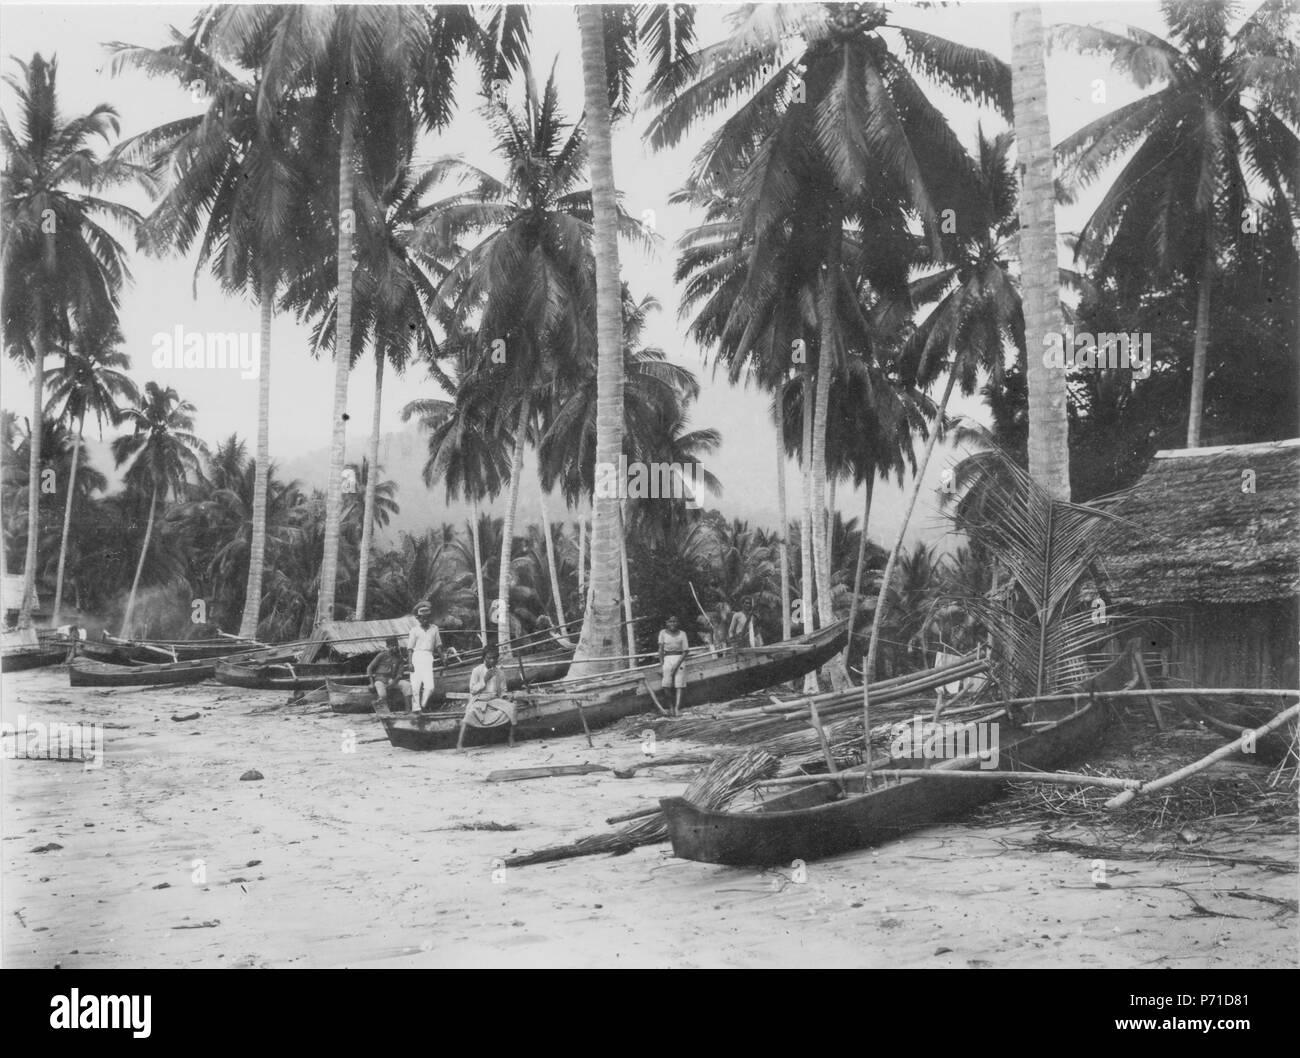 35 Kanoter vid stranden. Sulawesi. Indonesien - SMVK - 000294 - Stock Image